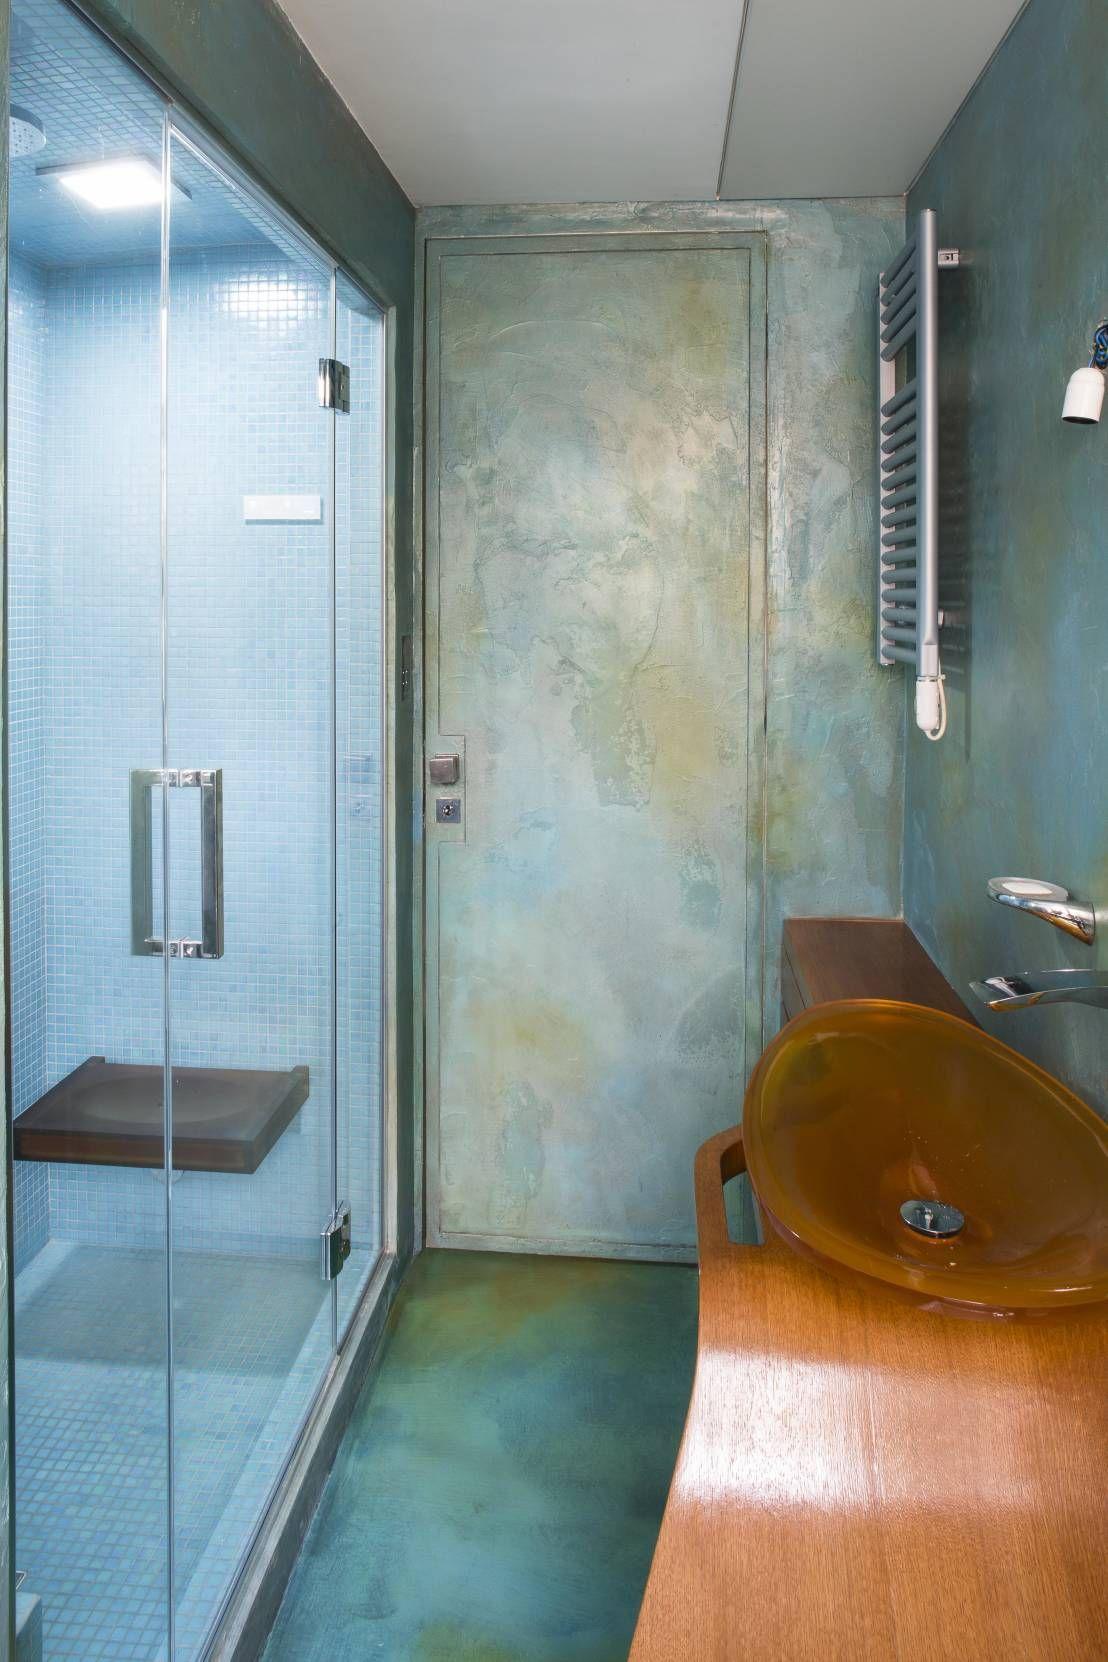 Arredo Bagno Resina 10 idee originali per l'arredo bagno moderno (con immagini